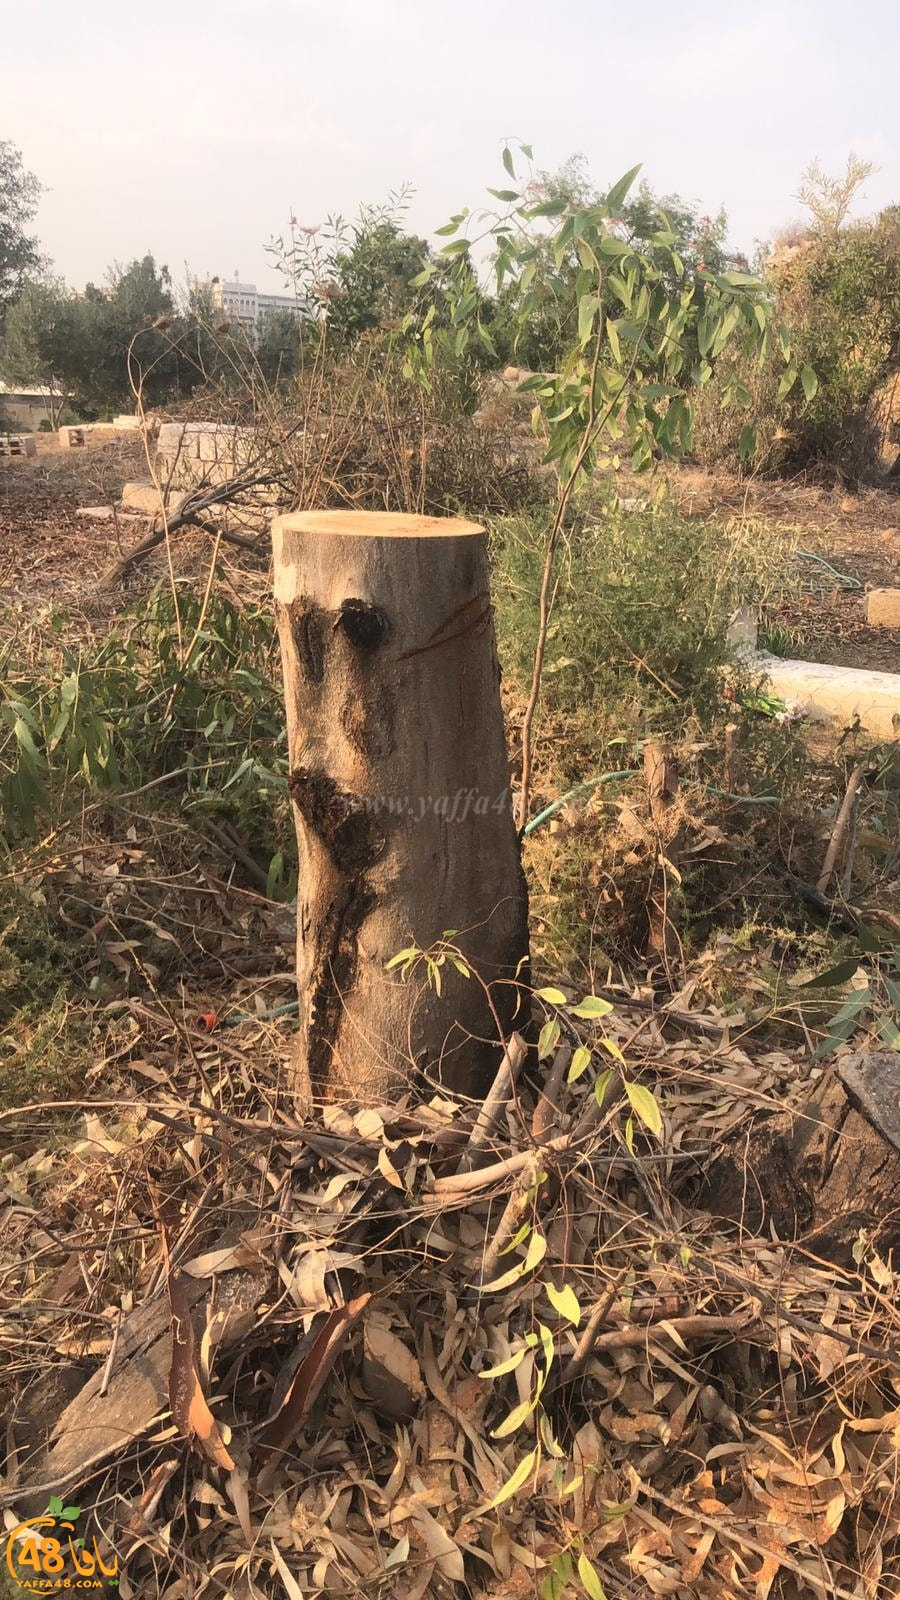 الجمعة: معسكر عمل لتنظيف المقبرة الاسلامية الشرقية بمدينة الرملة